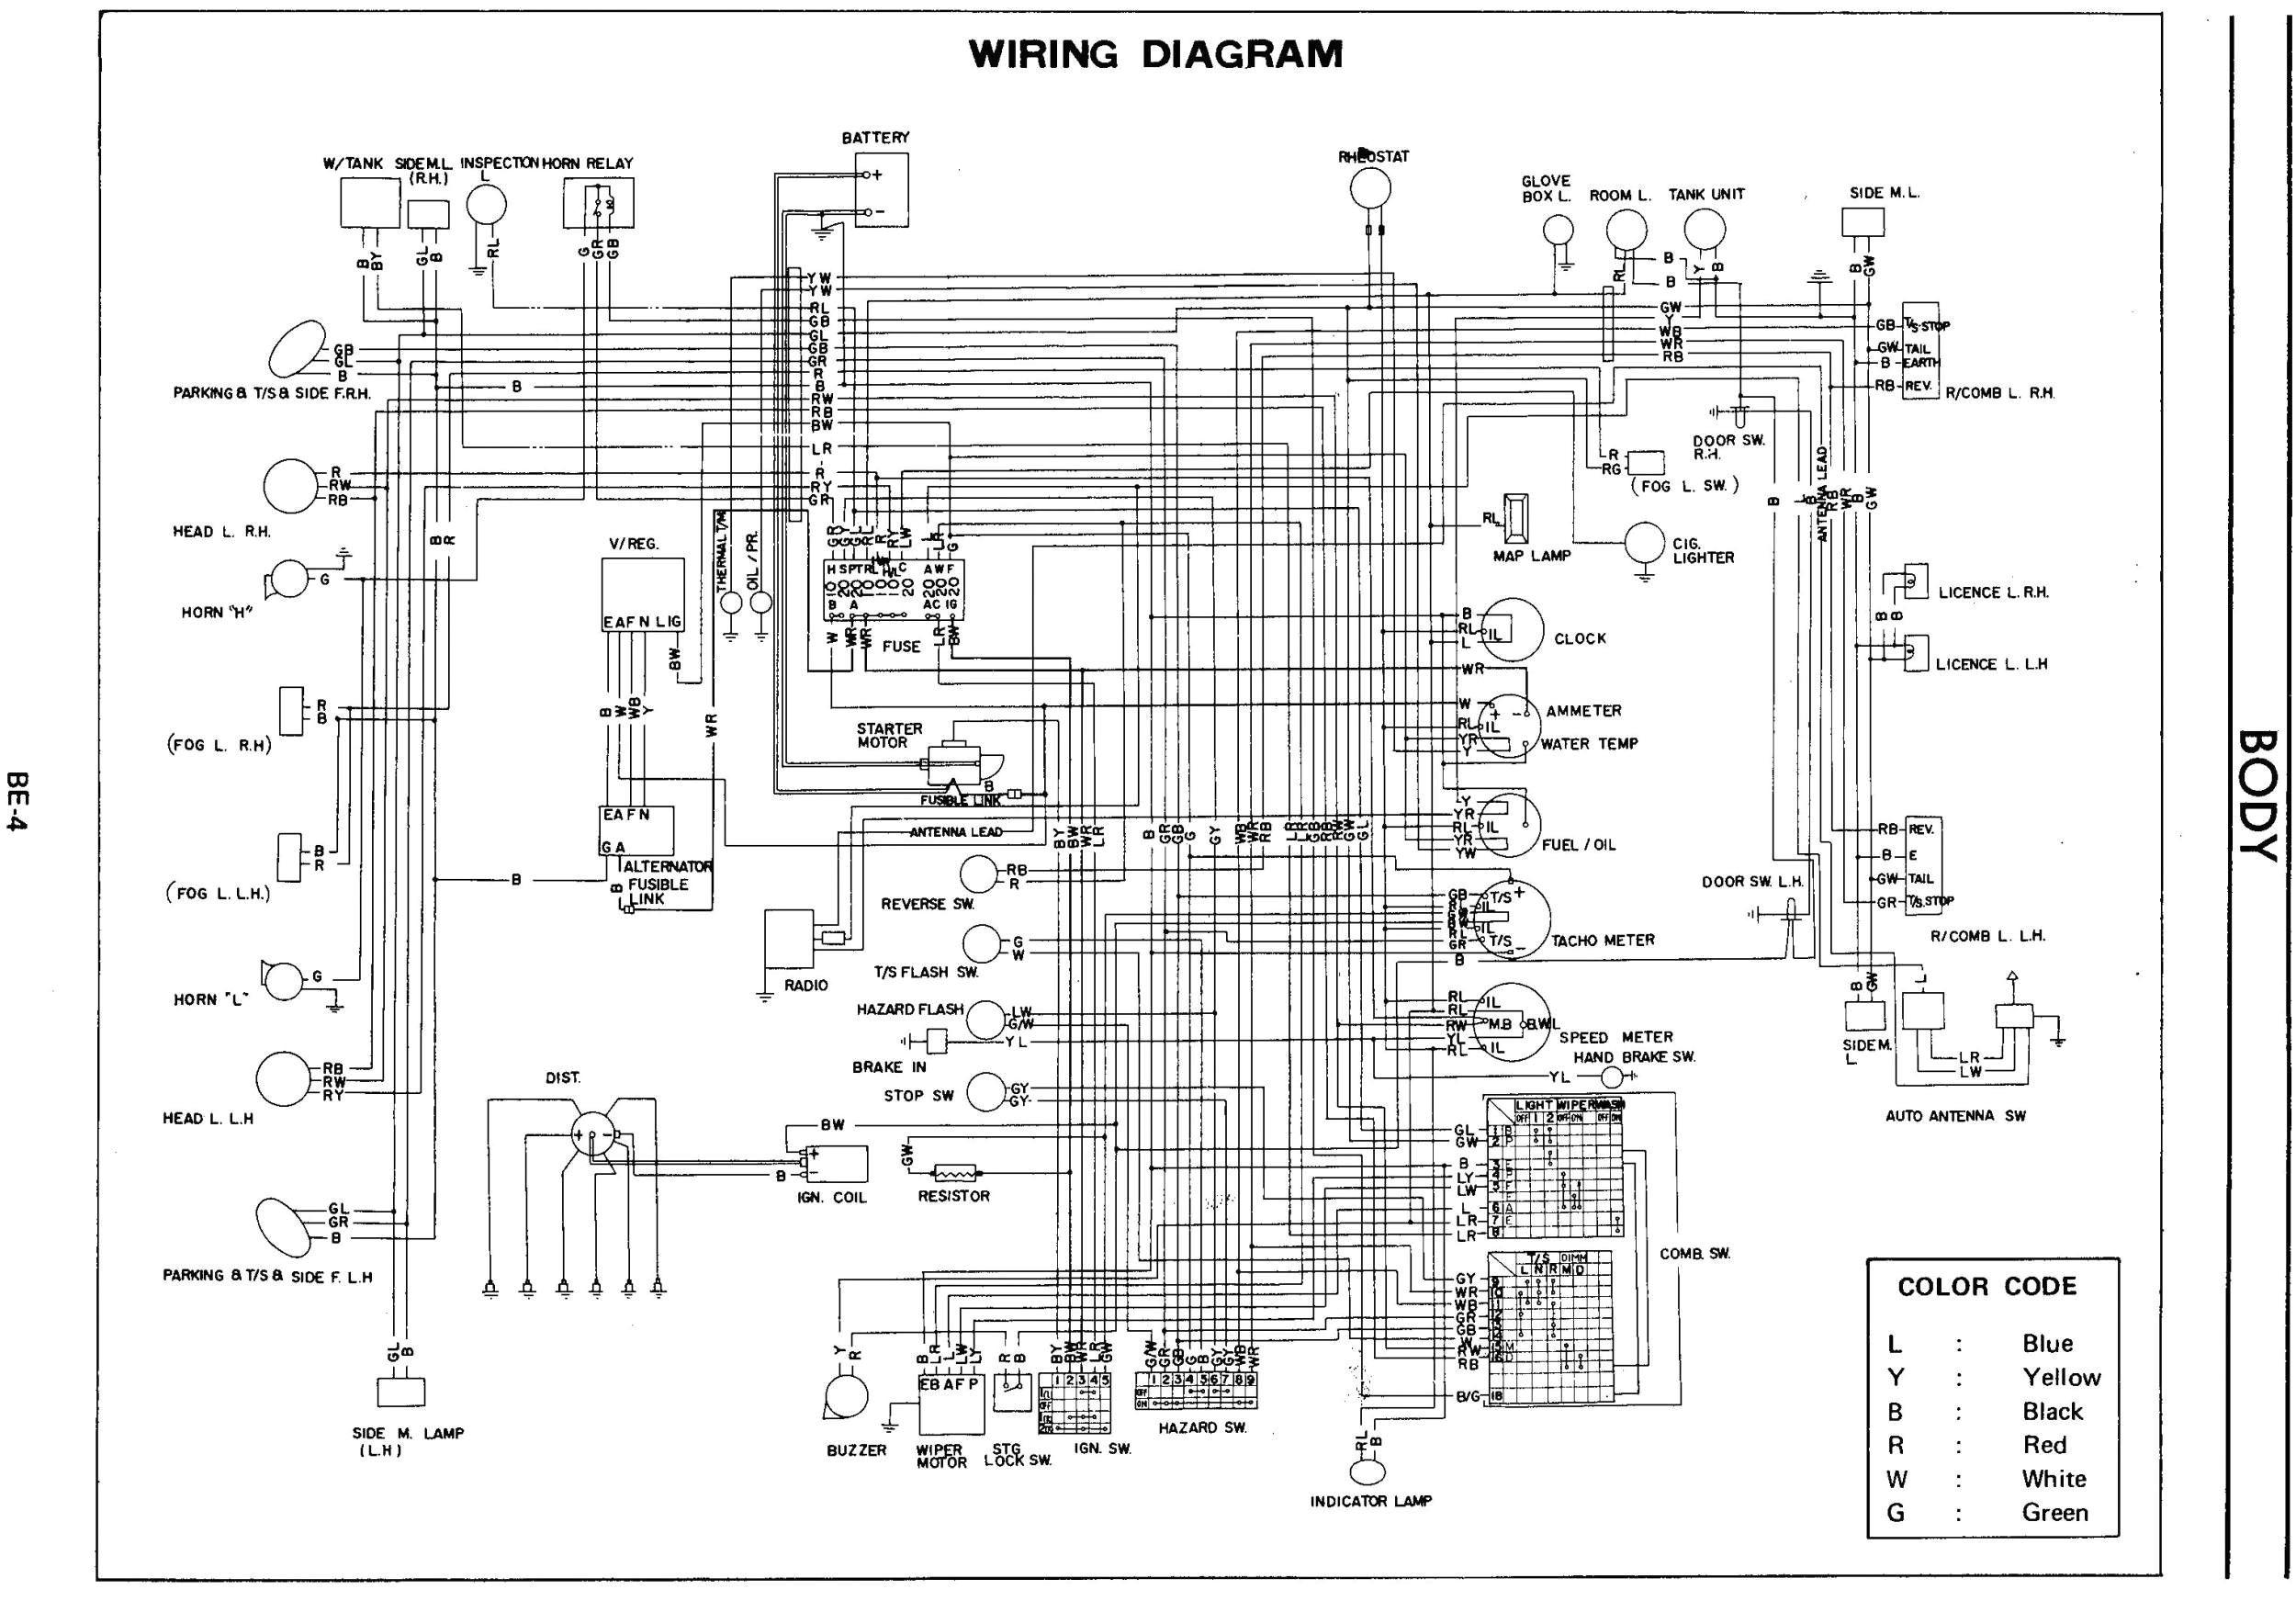 1999 mercedes benz ml320 engine diagram wiring diagram recent mercedes ml 320 wiring diagram schema diagram